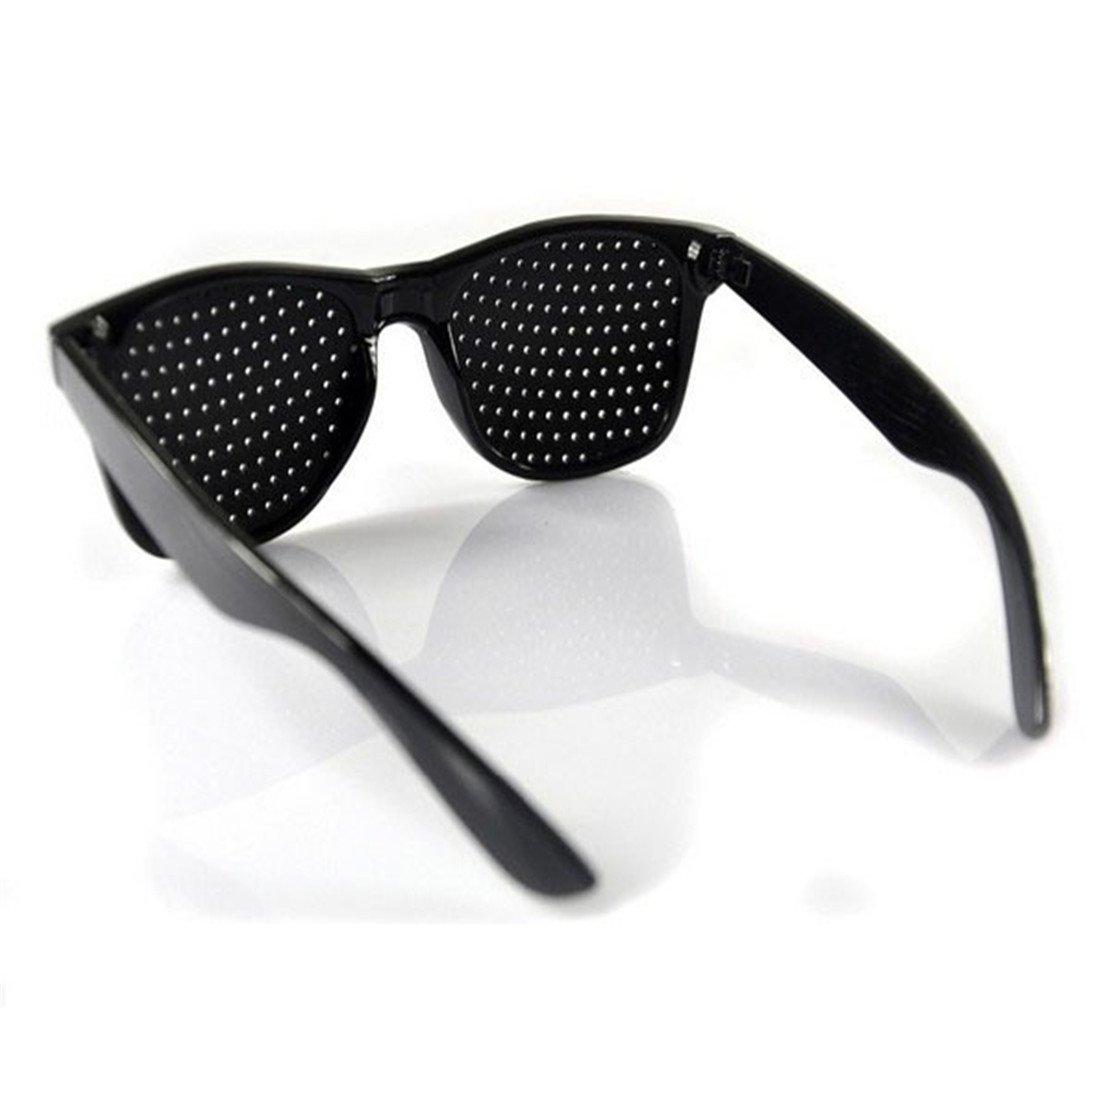 53ec7b52e68 Vision Care Pin Hole Sunglasses